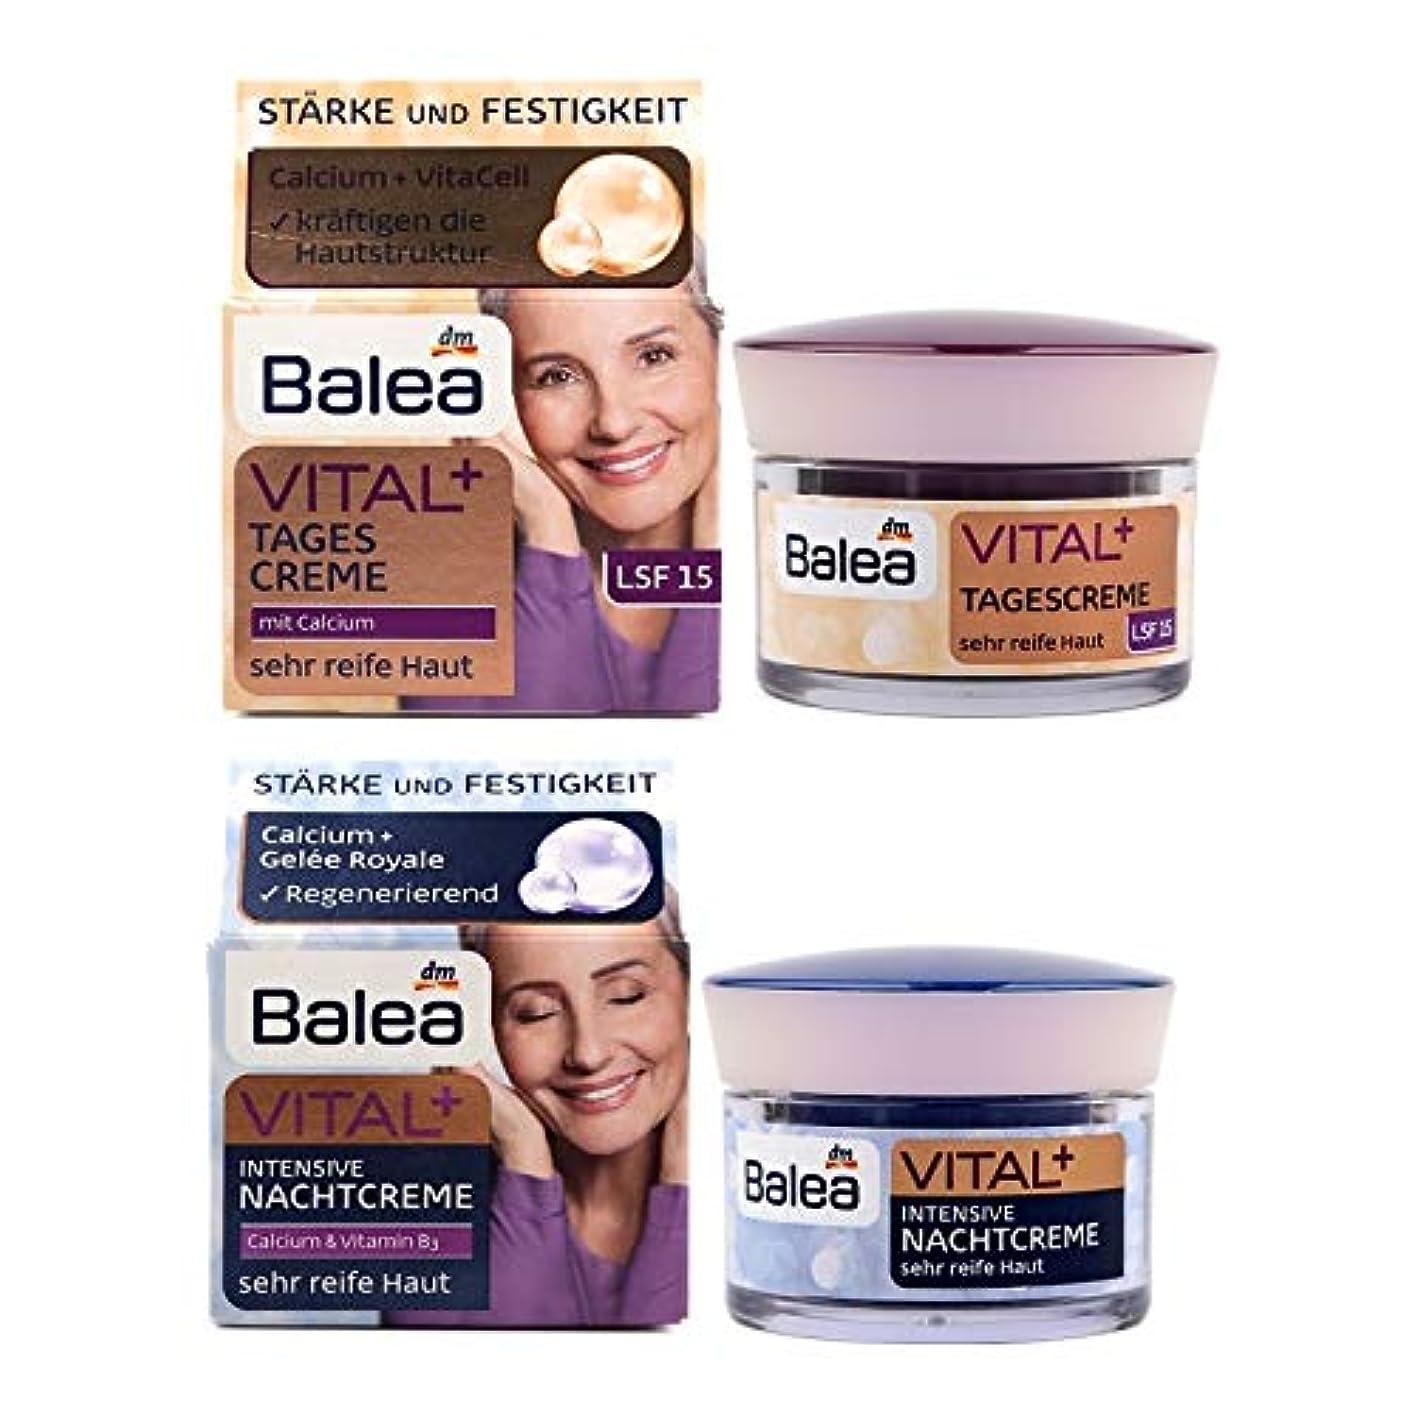 誕生要塞根拠アンチリンクルを70+する旧熟女年齢55+のためのBalea VITAL +デイクリーム+ナイトクリーム弾性ファーミングを強化